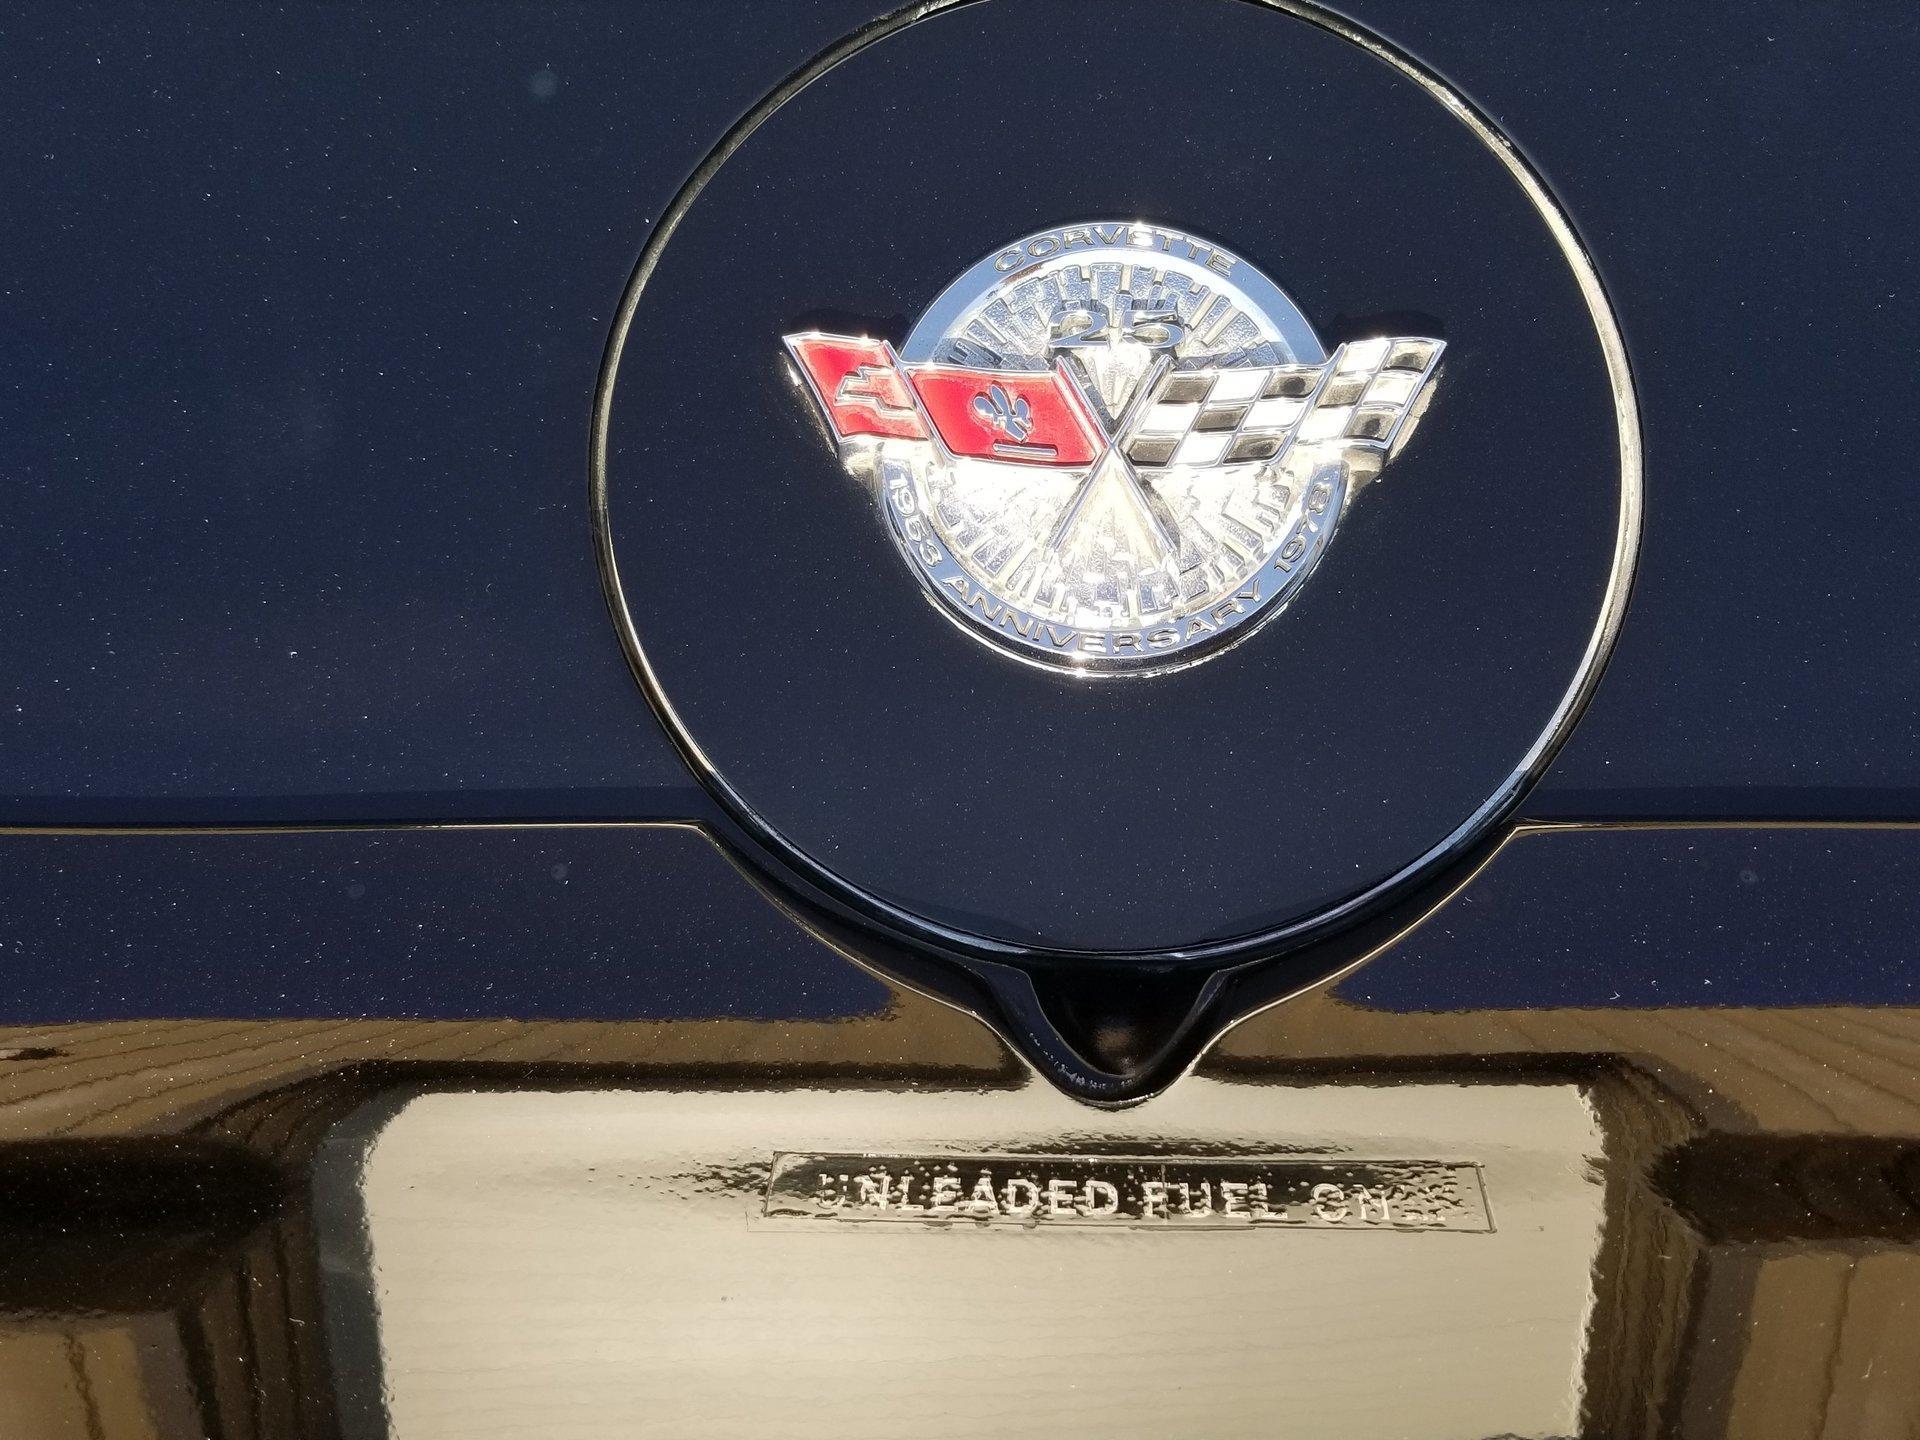 1978 Chevrolet Corvette Pace Car L 82 4 Spd 99 miles for sale